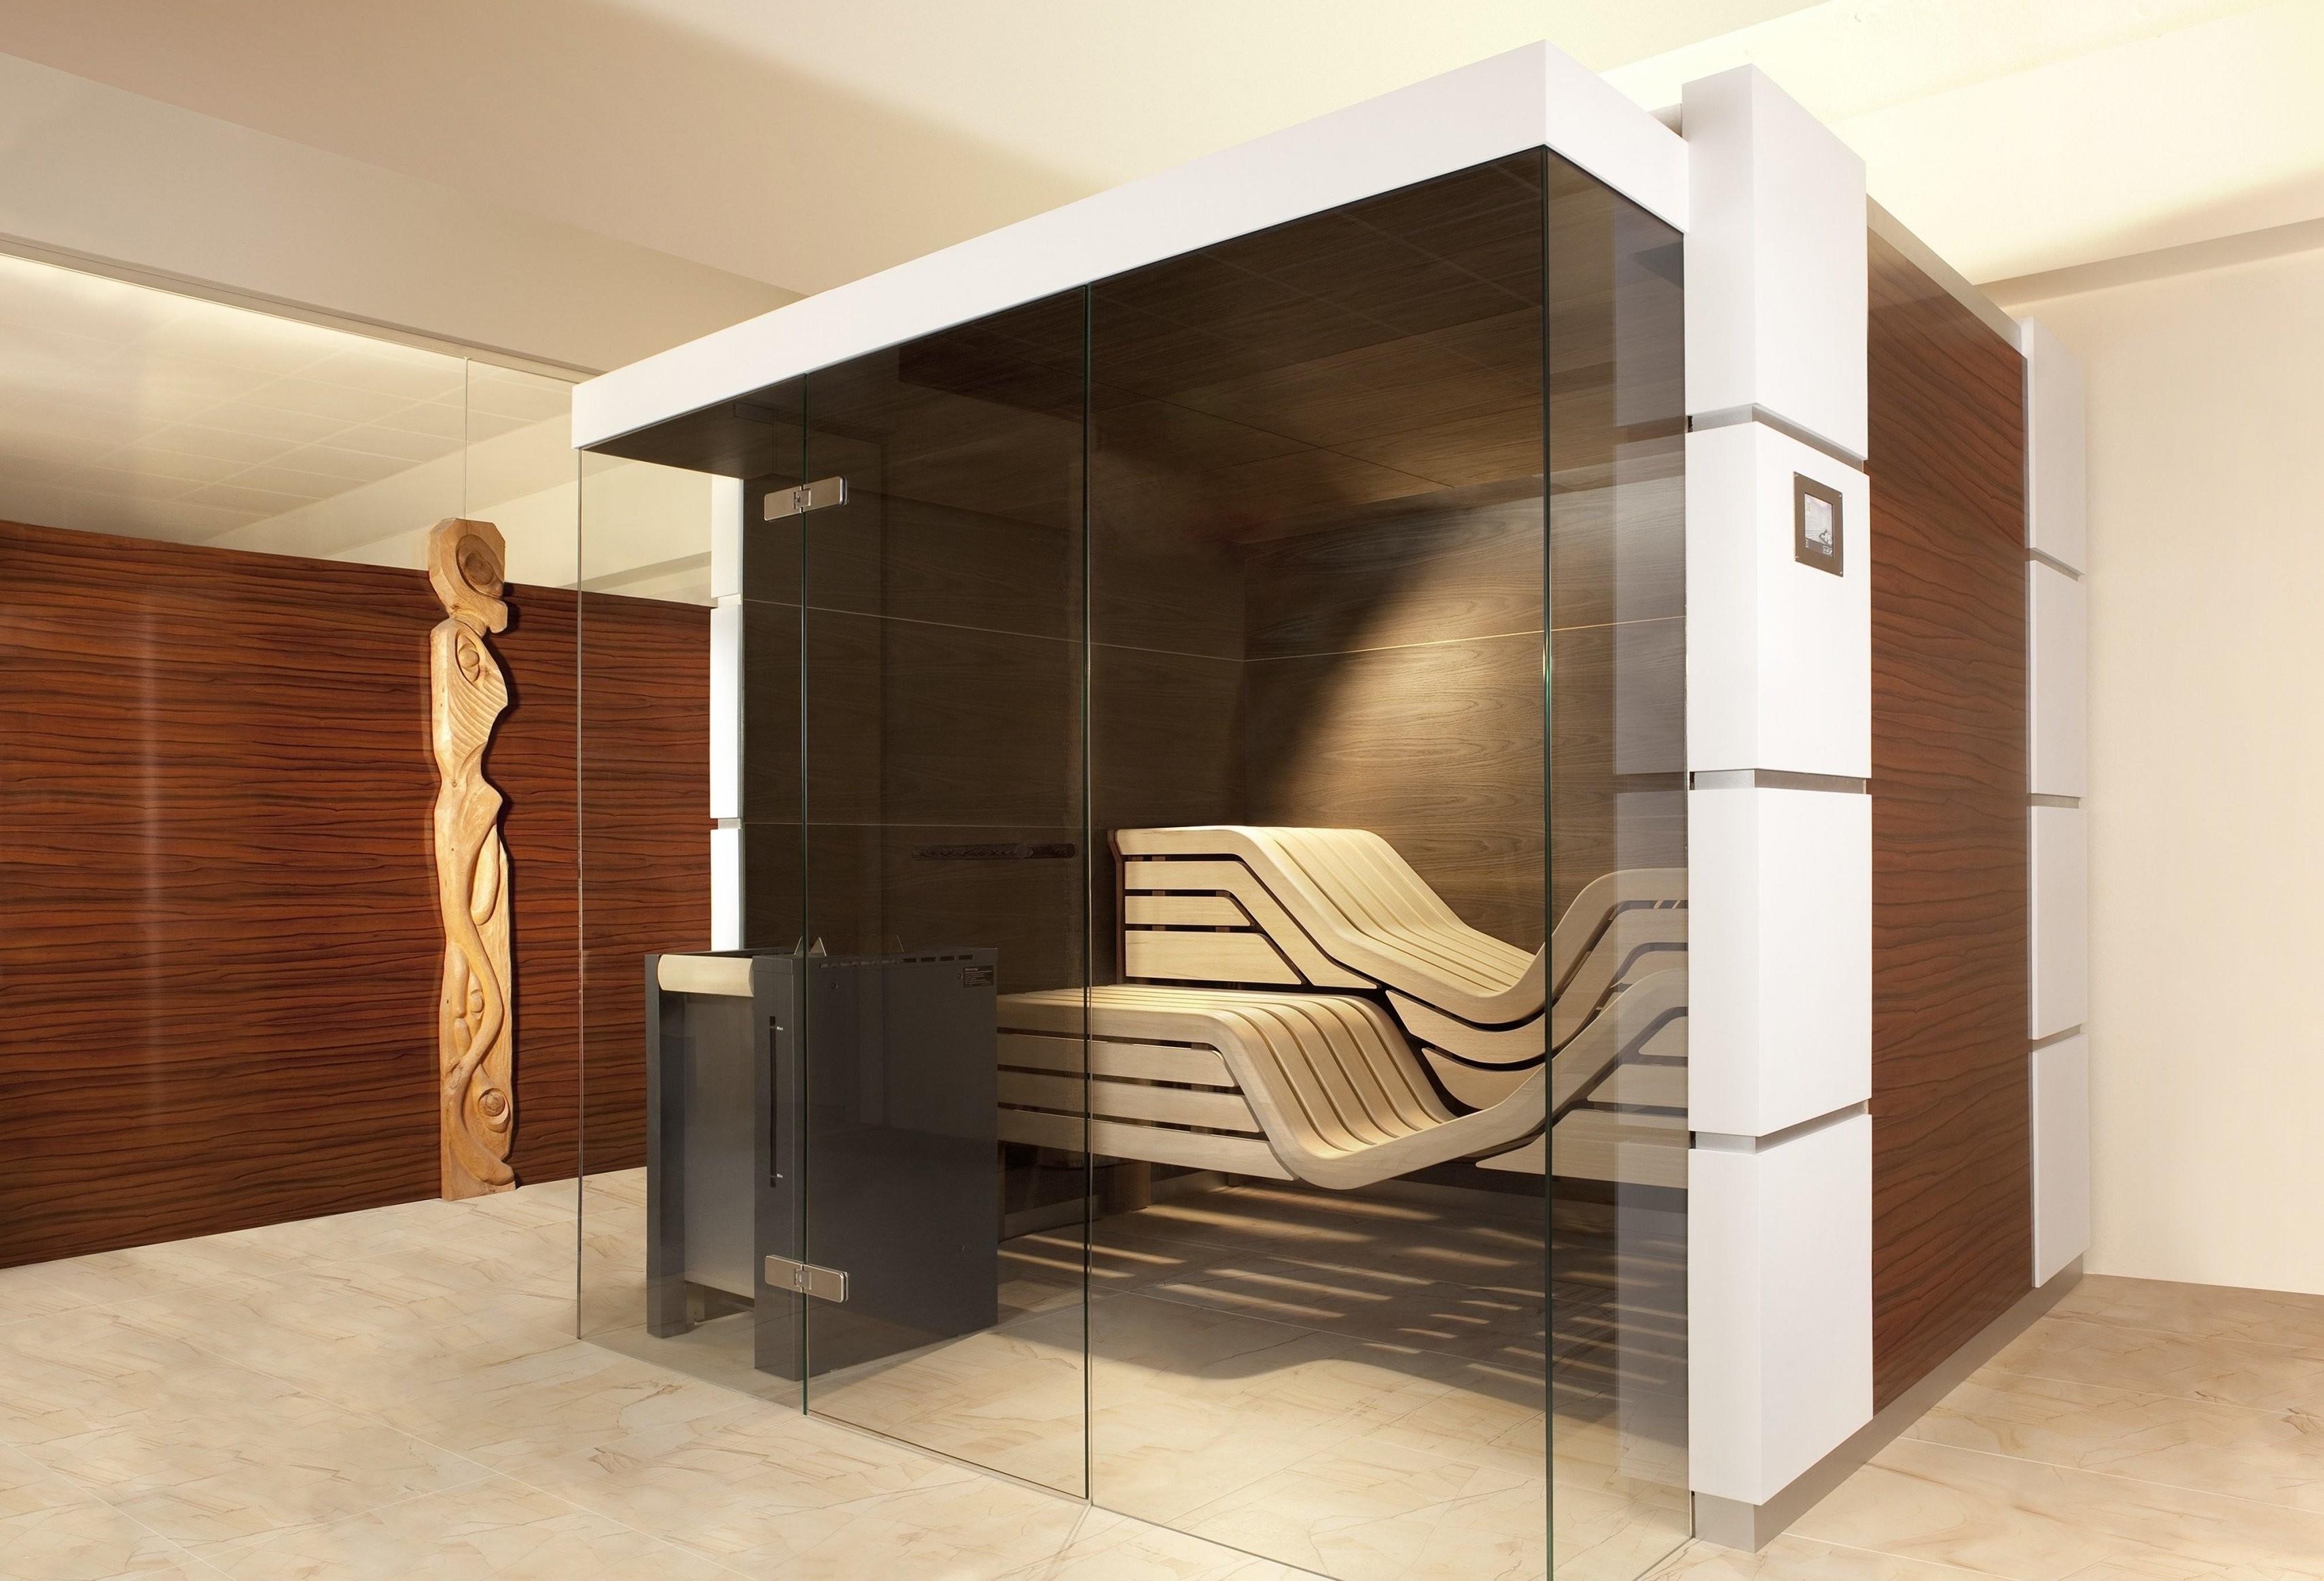 Wellness Badezimmer Ideen Afbeeldingen Van Fotoalbums Bad Design von Wellness Badezimmer Ideen Bild